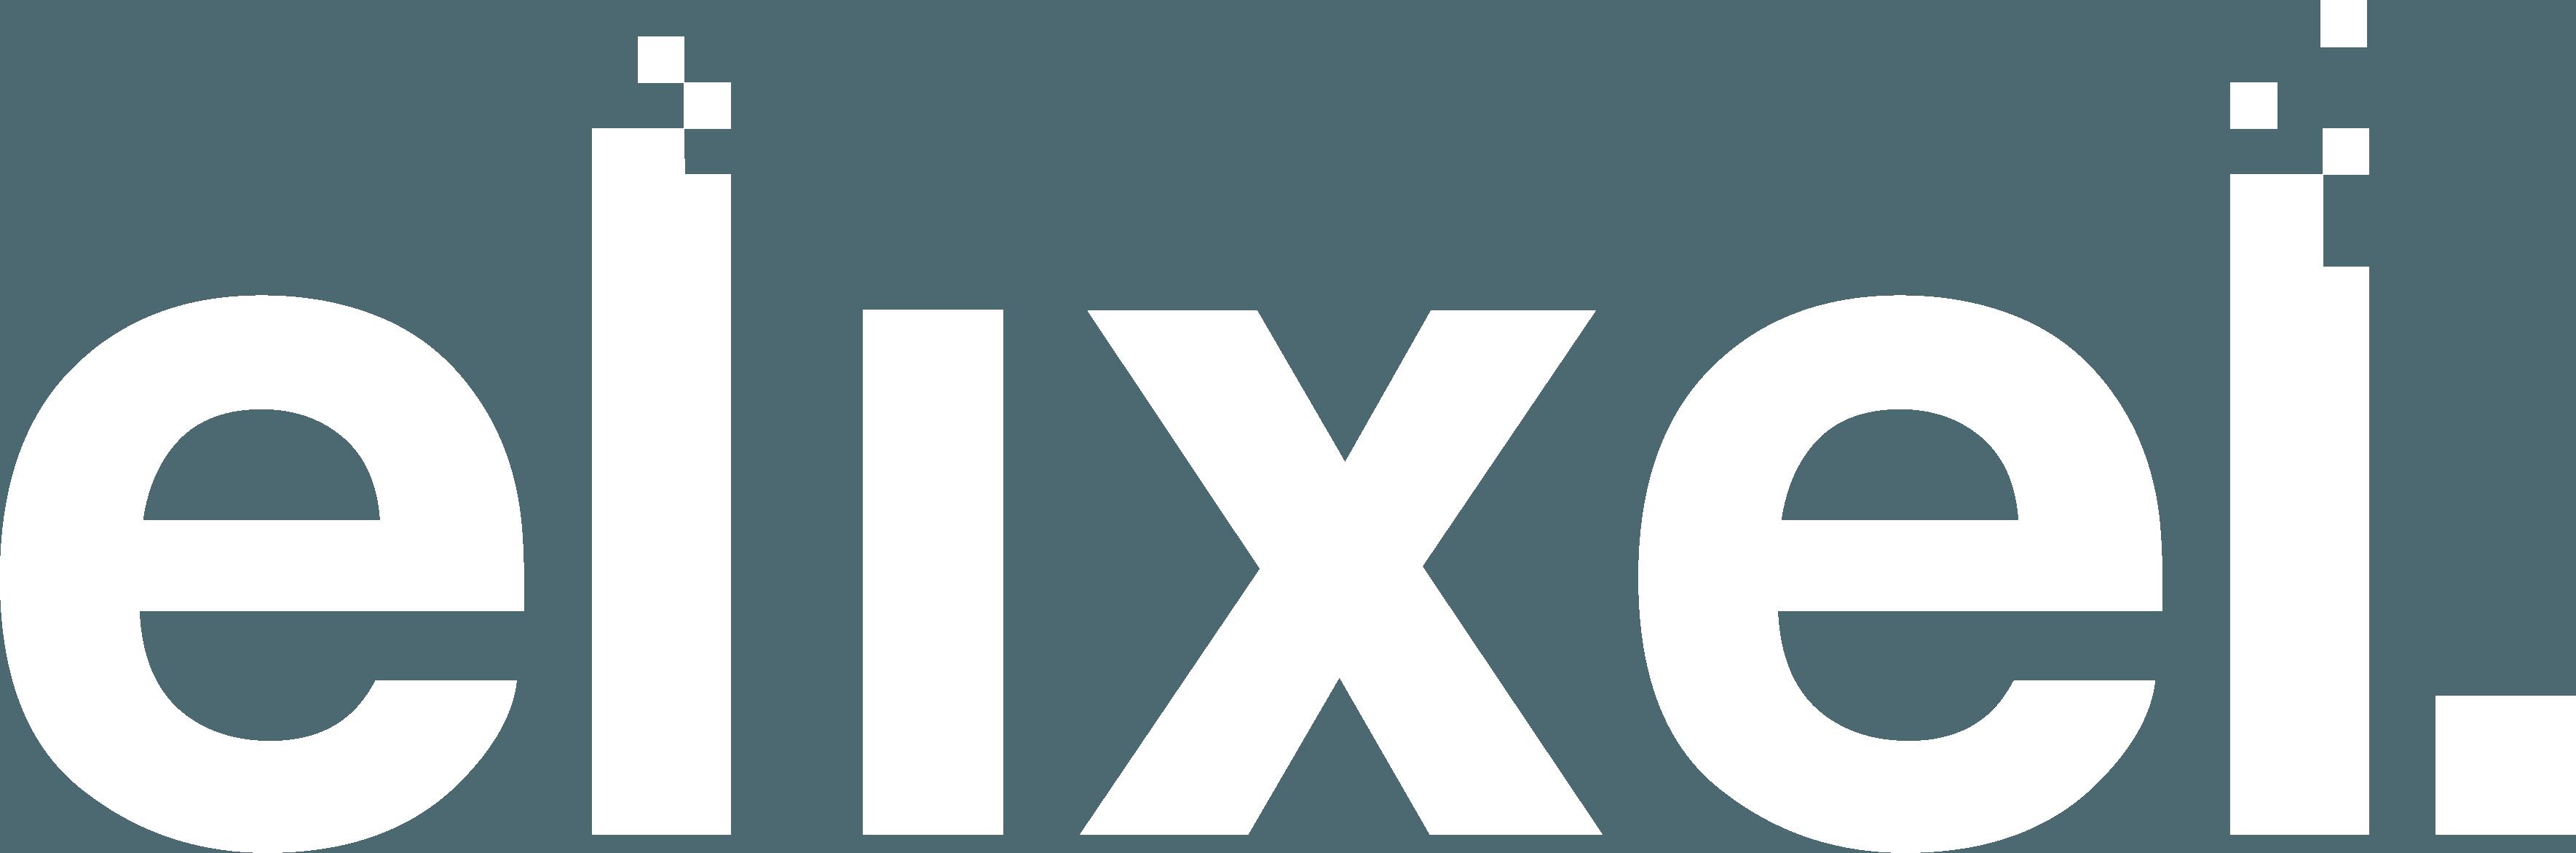 Elixels Logo